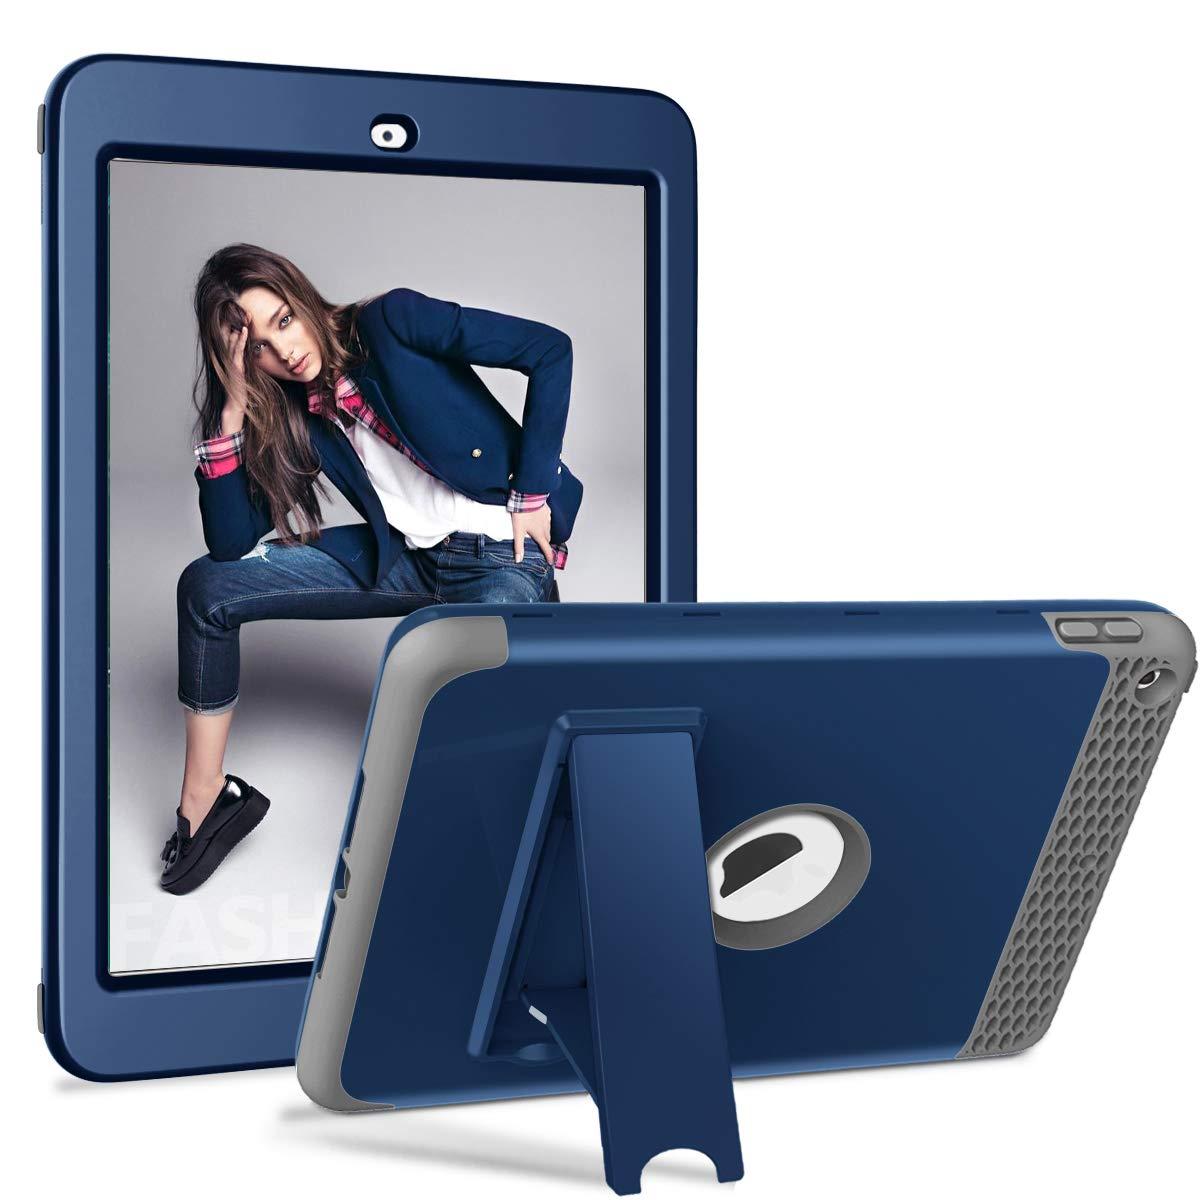 新しい JZC iPad 第5世代 ブルー/第6世代用ケース スリムフルボディ保護カバーケース iPad 頑丈な耐衝撃ケース JZC iPad A1893 A1954 A1822 A1823用 NewiPad-FWPM-NBlGr ブルー B07L8ZKW57, 広田村:66a85c22 --- a0267596.xsph.ru